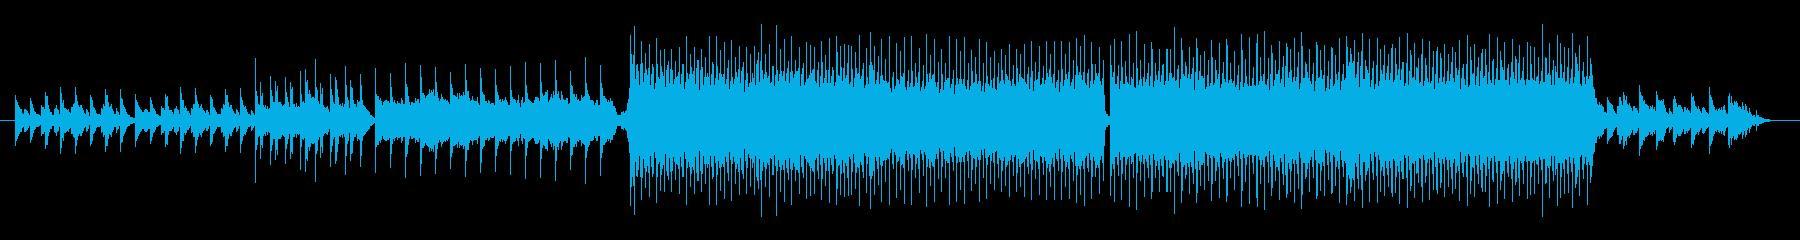 凛とした雰囲気のあるピアノバラードの再生済みの波形